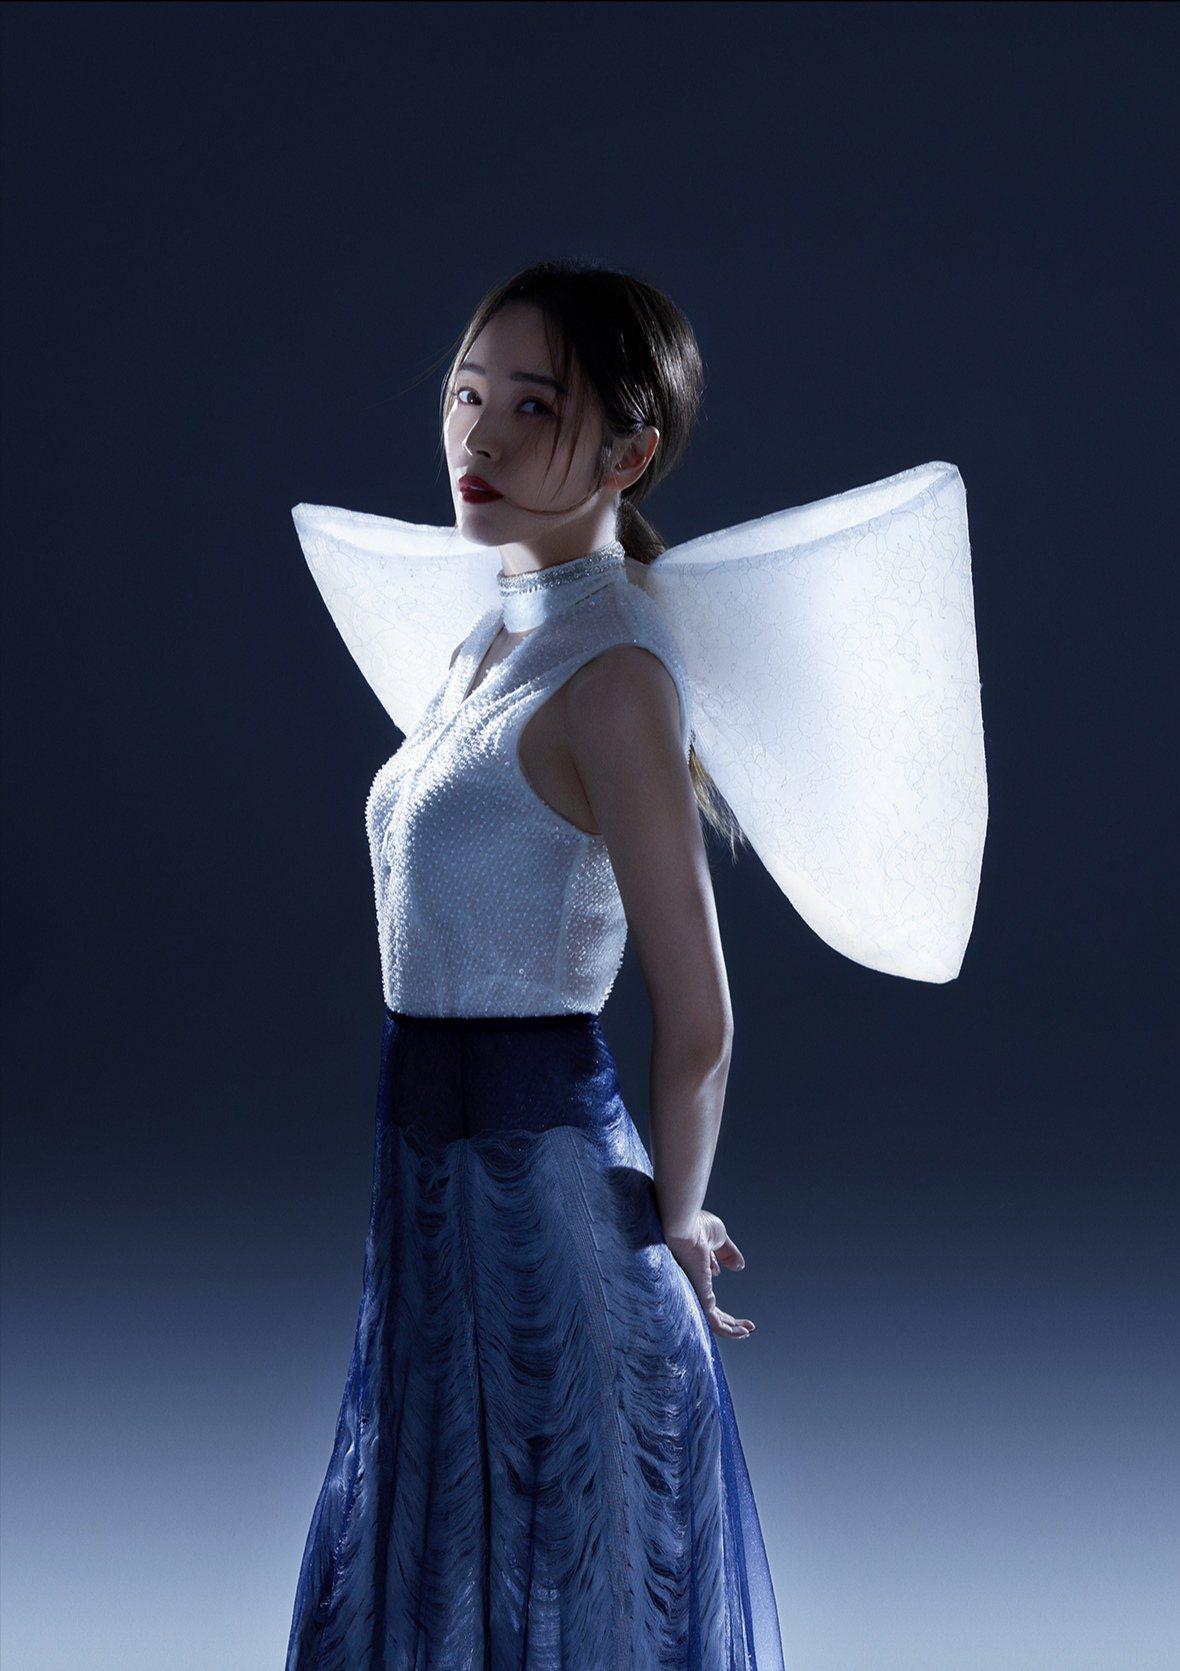 侯佩岑在拍攝大陸新漫潮雜誌時身穿夏姿SHIATZY CHEN的白色上衣。圖/福隆...